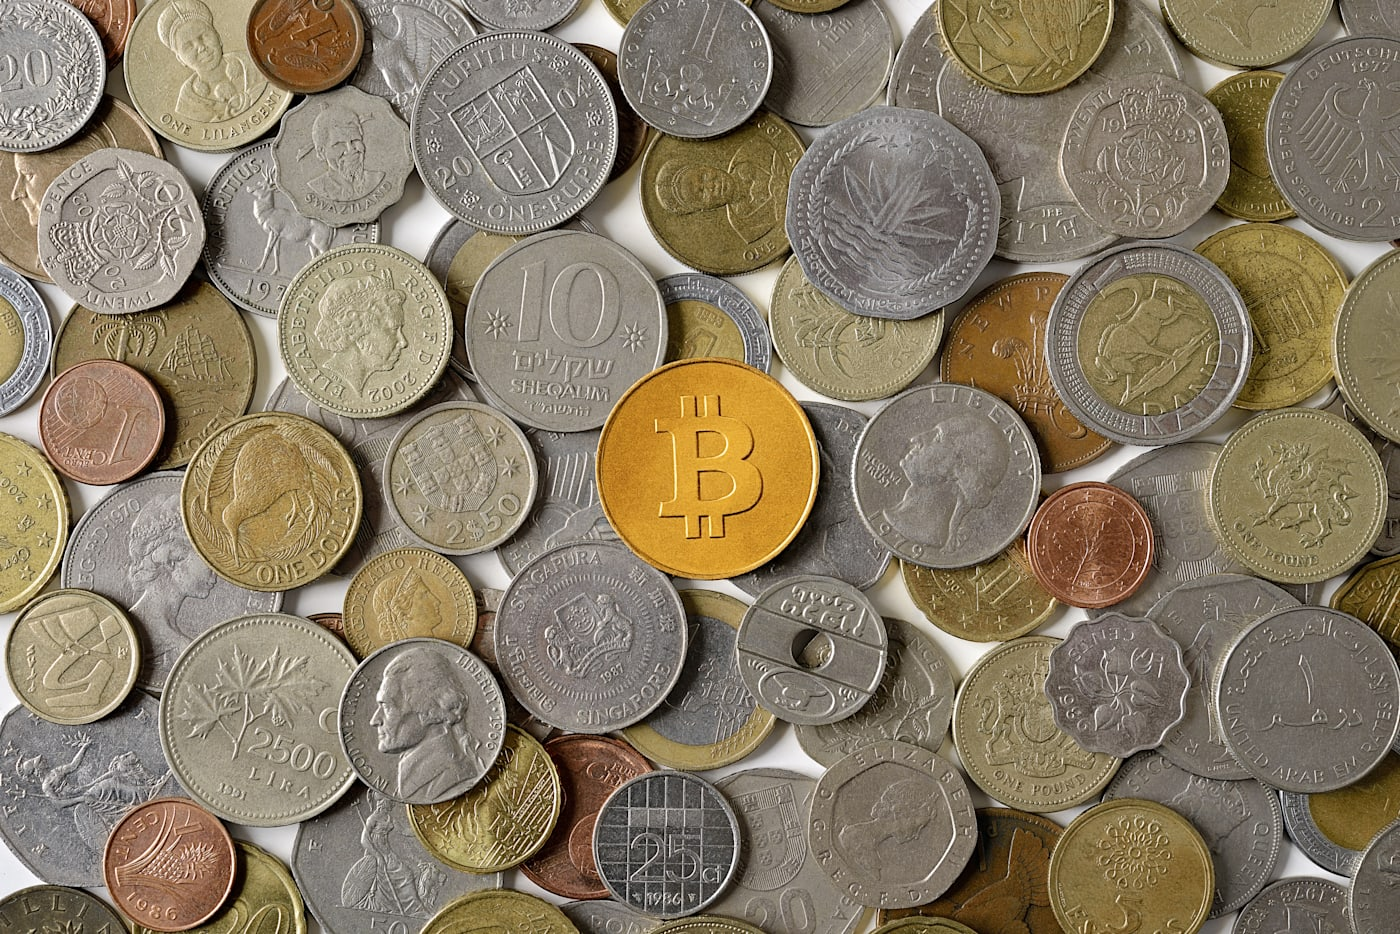 日本正考虑为比特币确立法律地位